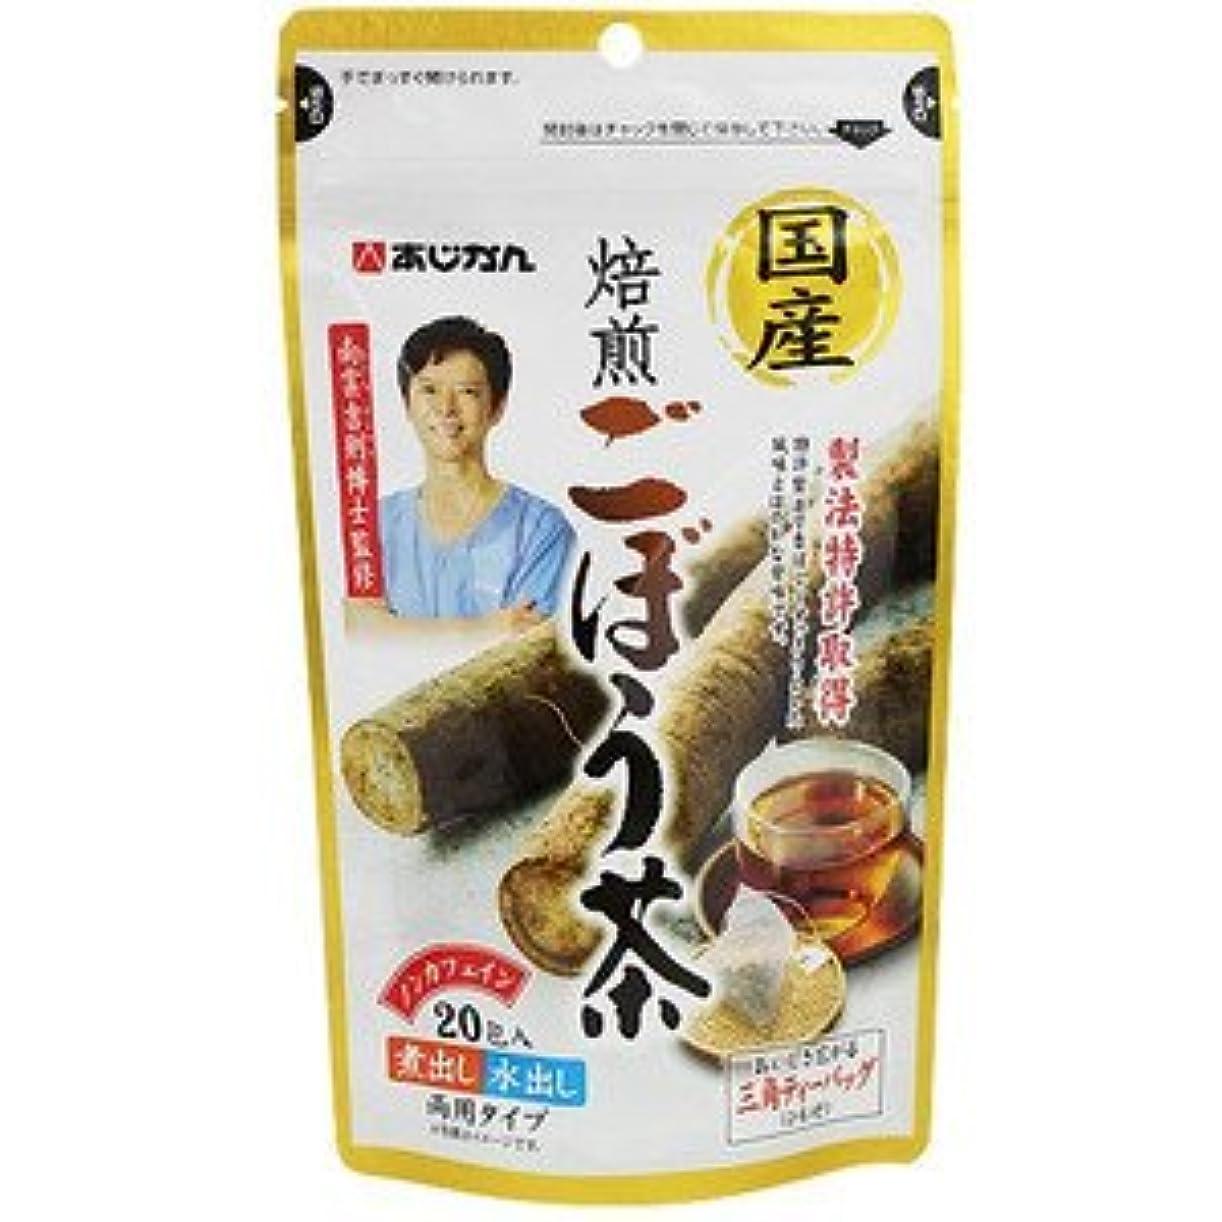 かどうか放棄バウンスごぼう茶の提唱者 南雲吉則博士が推奨するあじかんのごぼう茶 美味しさと高い抗酸化活性 国産焙煎 ごぼう茶20包入りX12袋